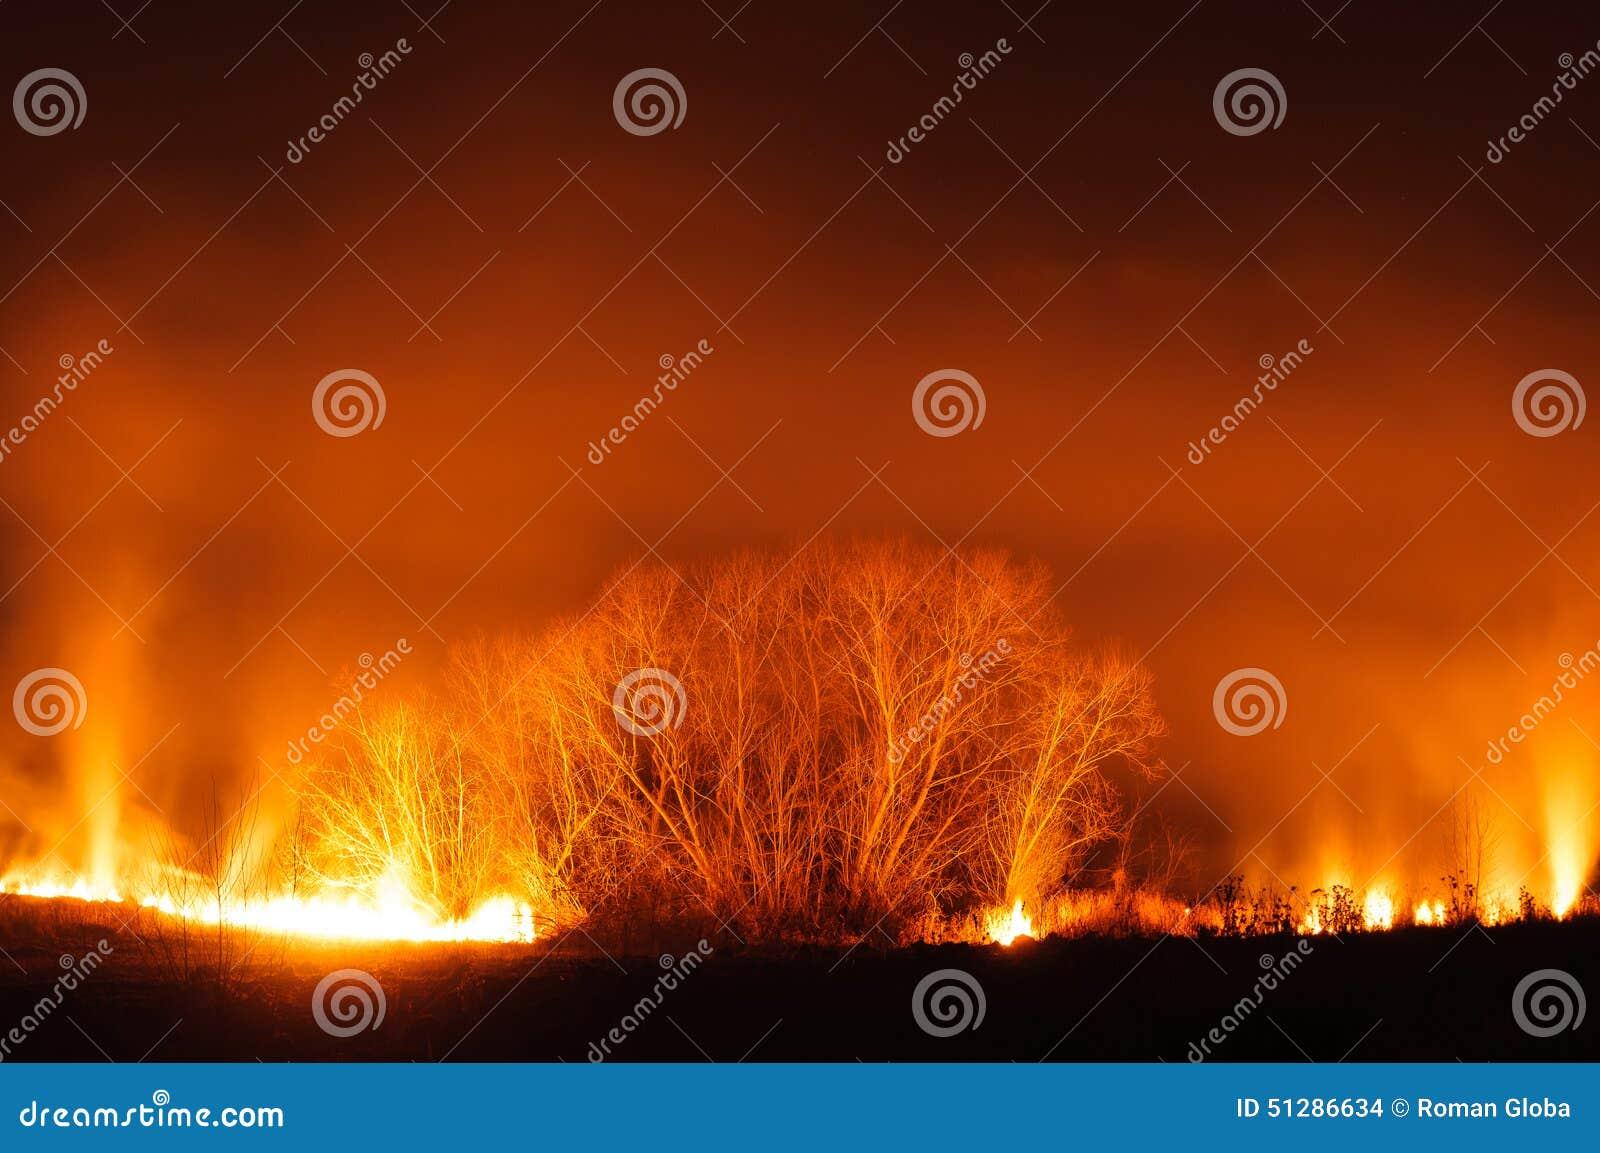 Fält på orange glöd för brand